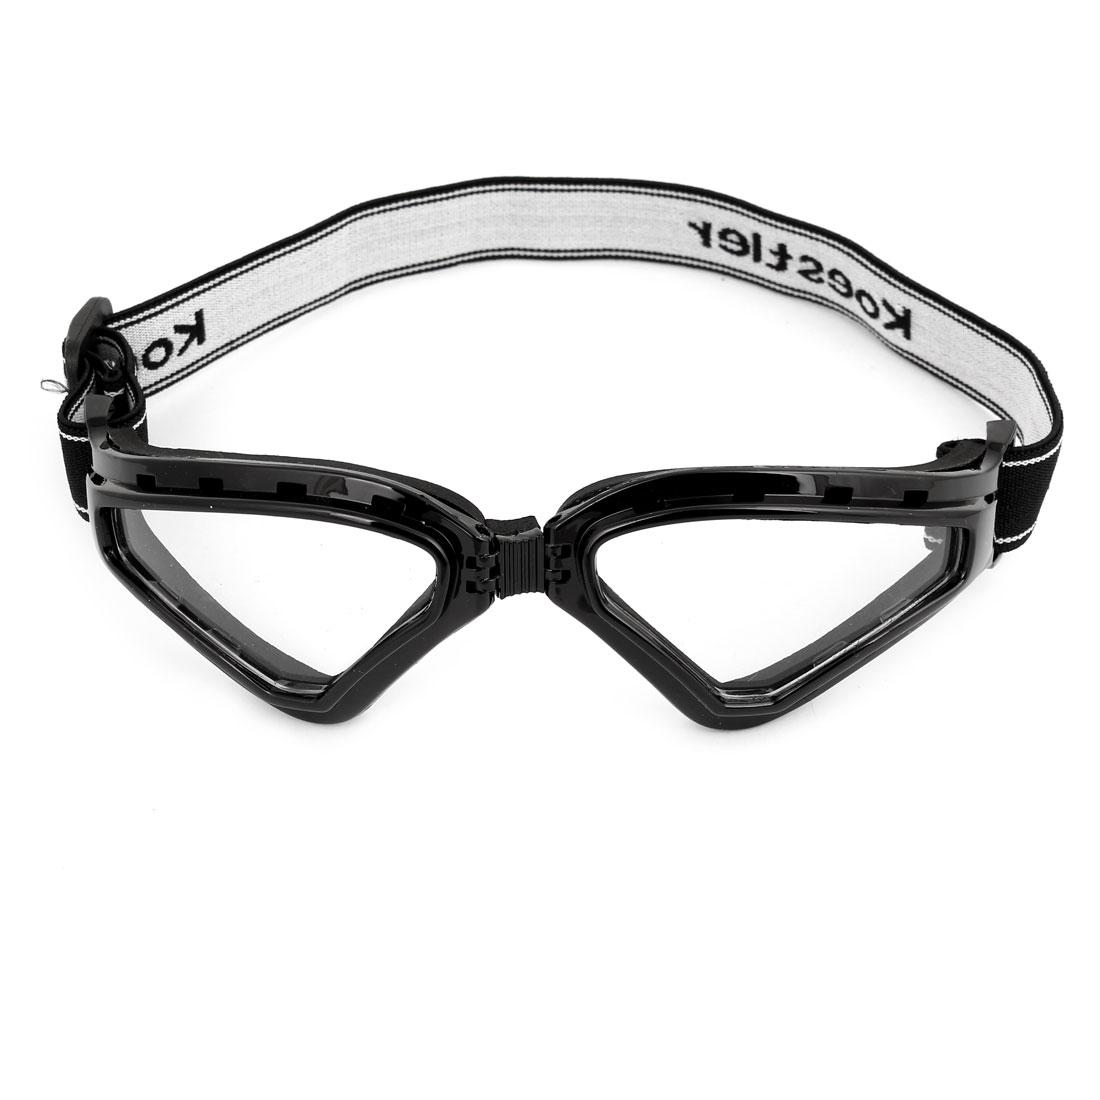 Unisex Plastic Full Frame Clear Lens Motorbike Snowboarding Goggles Black